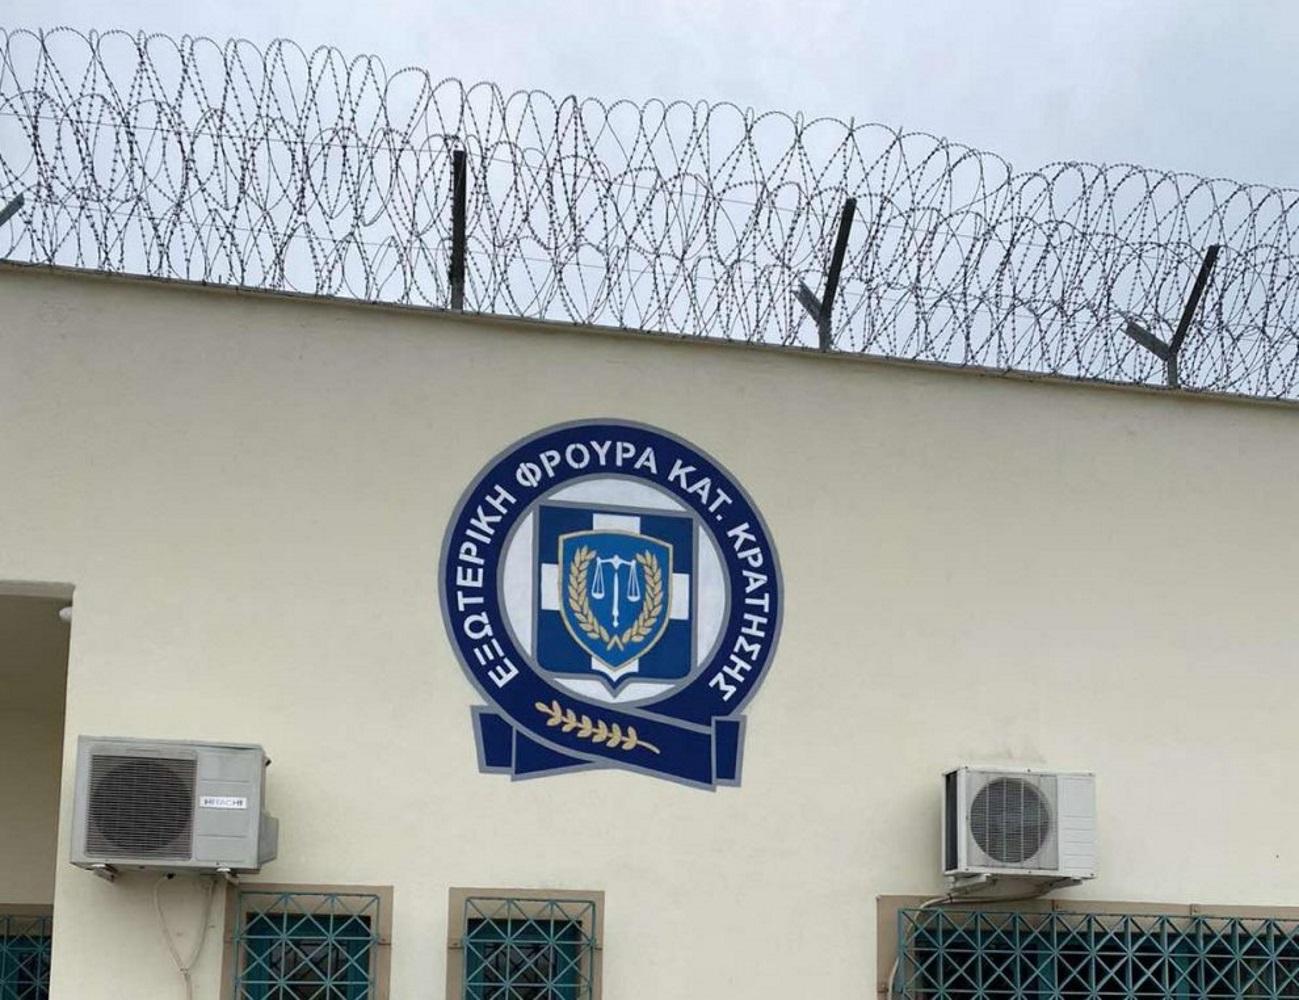 Τρίκαλα: Συναγερμός στις φυλακές – Εντοπίστηκαν 20 νέα κρούσματα κορονοϊού